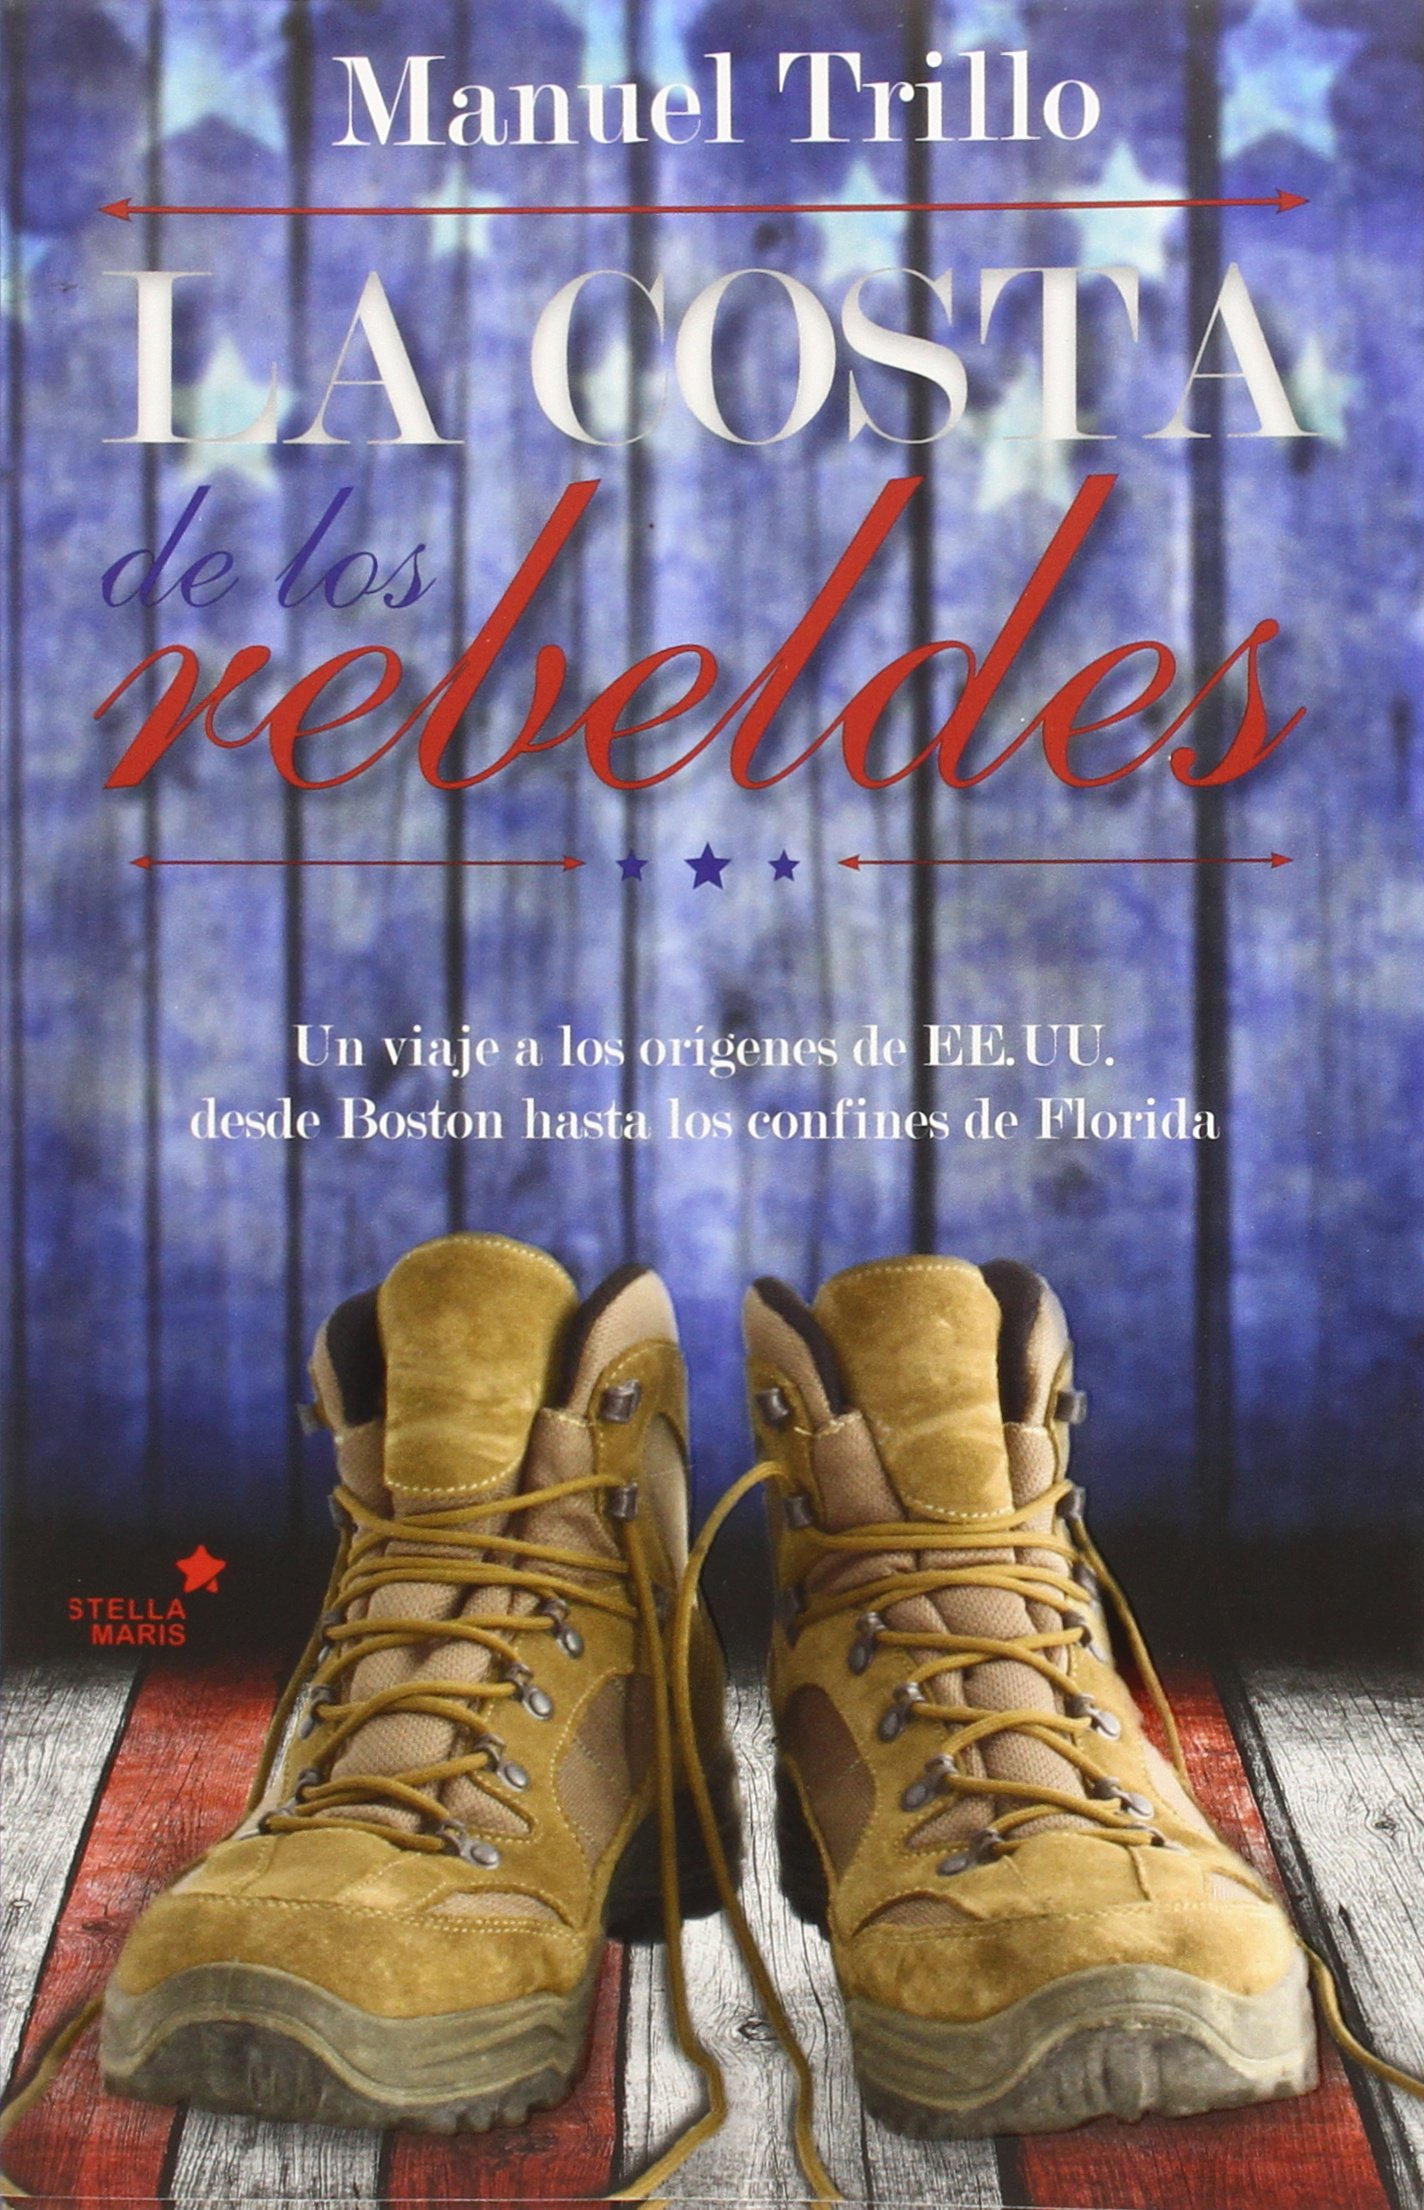 La Costa De Los Rebeldes (Historia): Amazon.es: Manuel Trillo Lodeiro: Libros